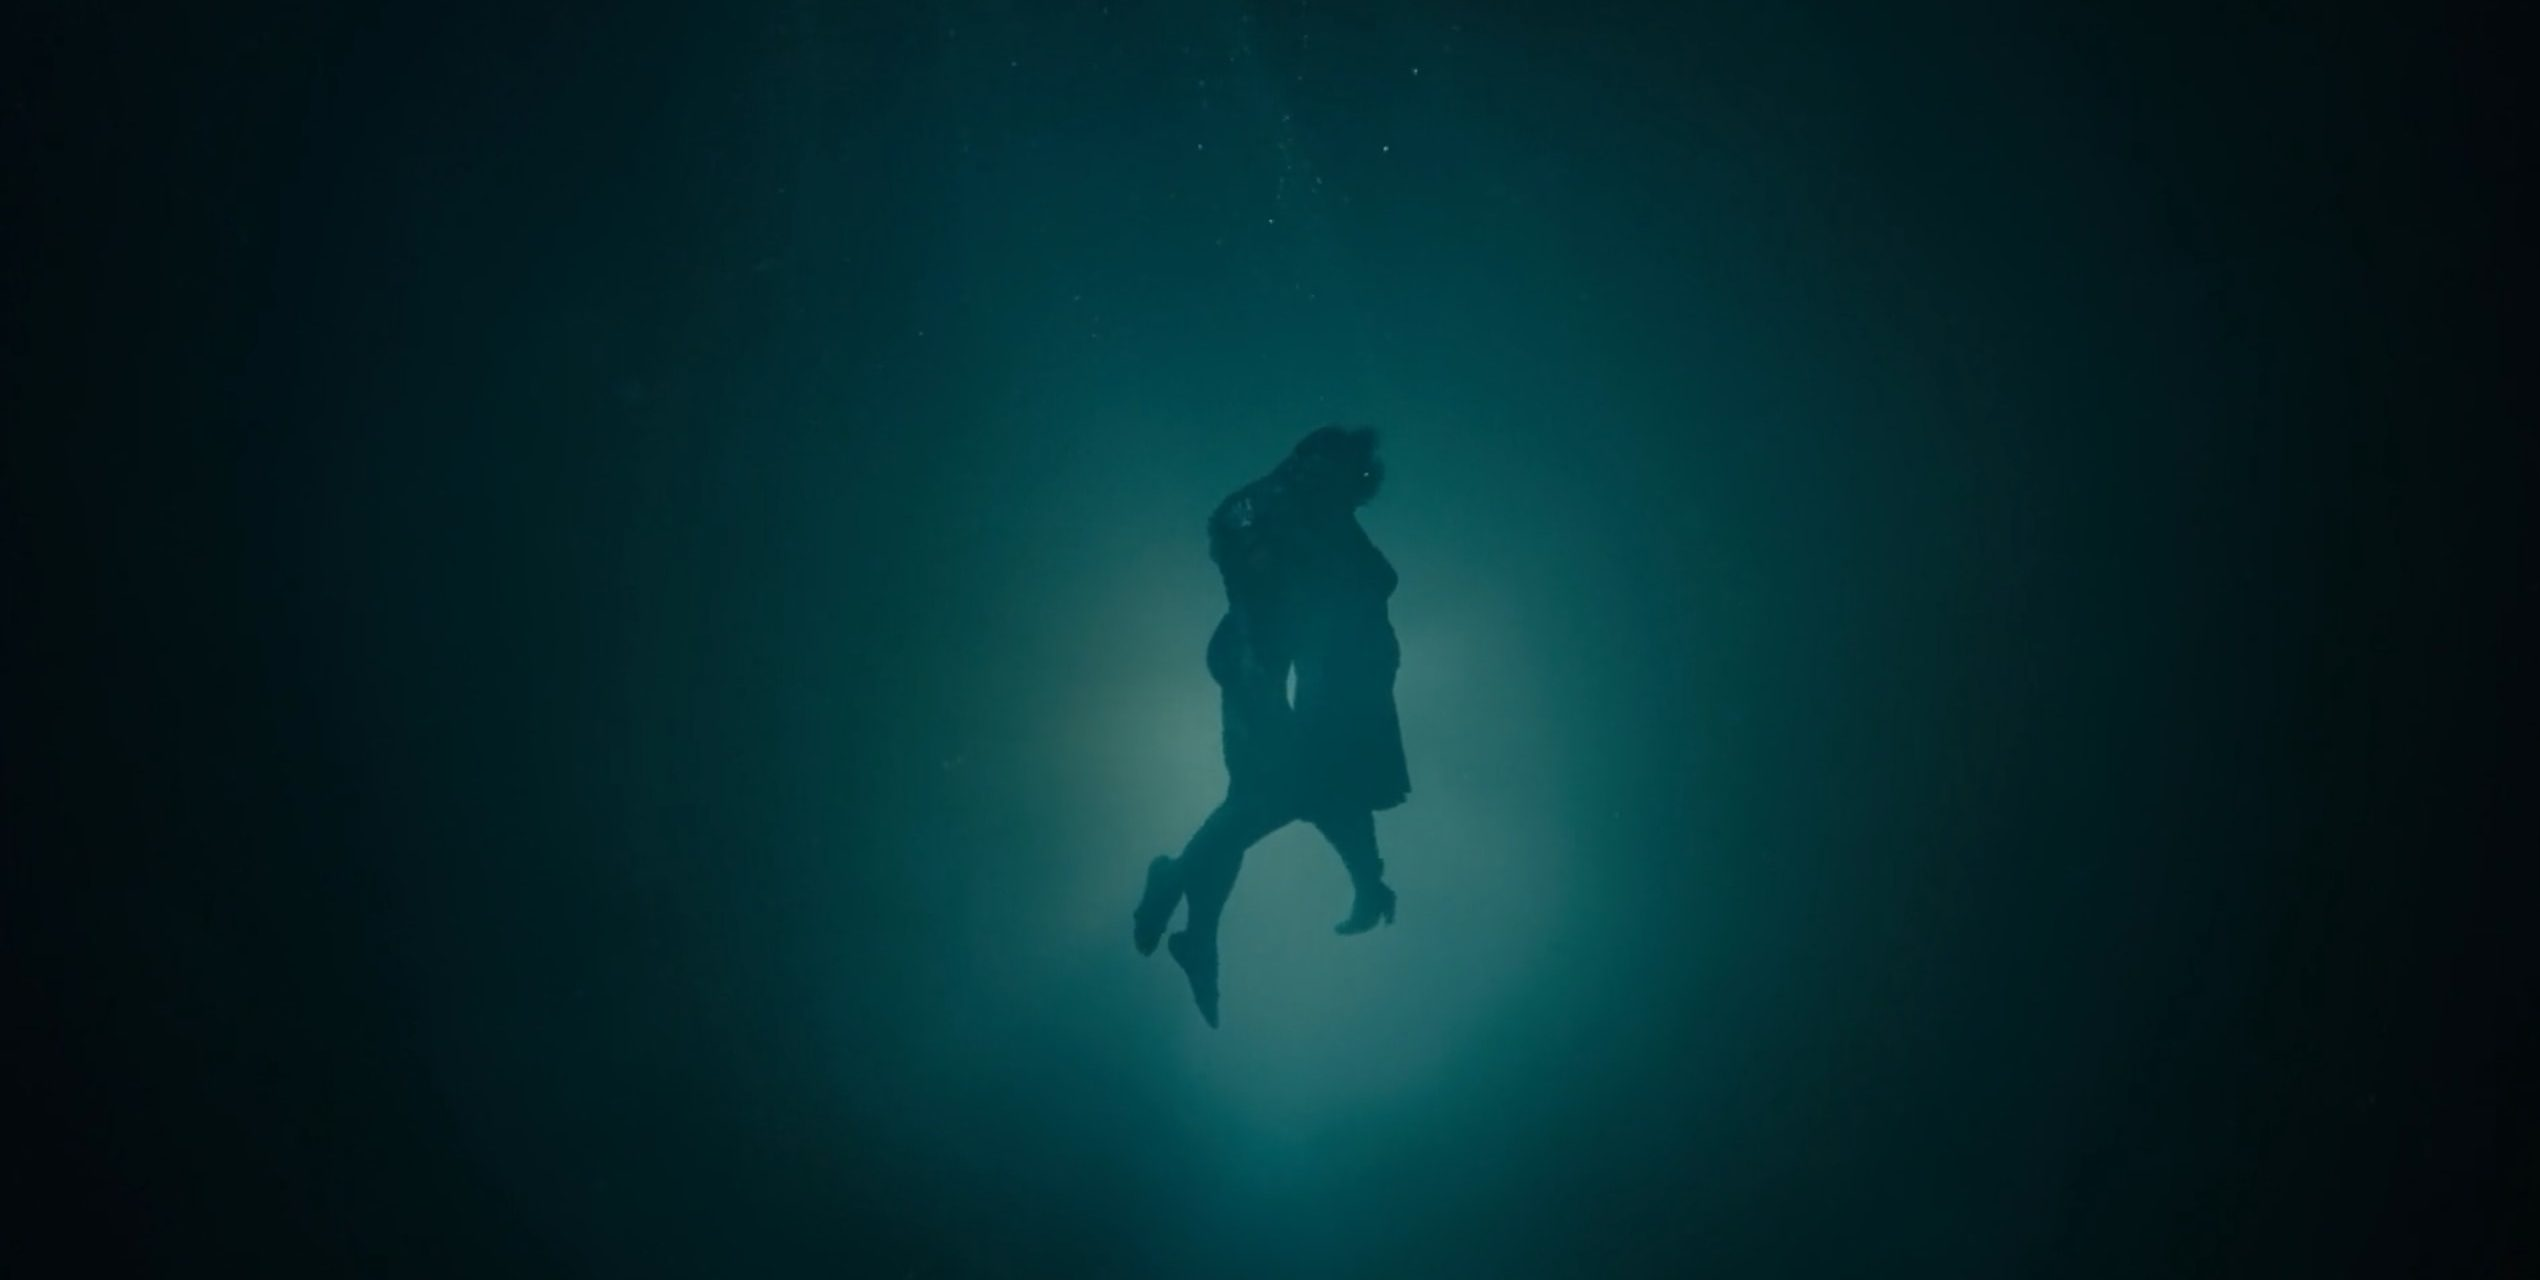 Mi sento fortunato ad aver visto <em>La forma dell'acqua</em>